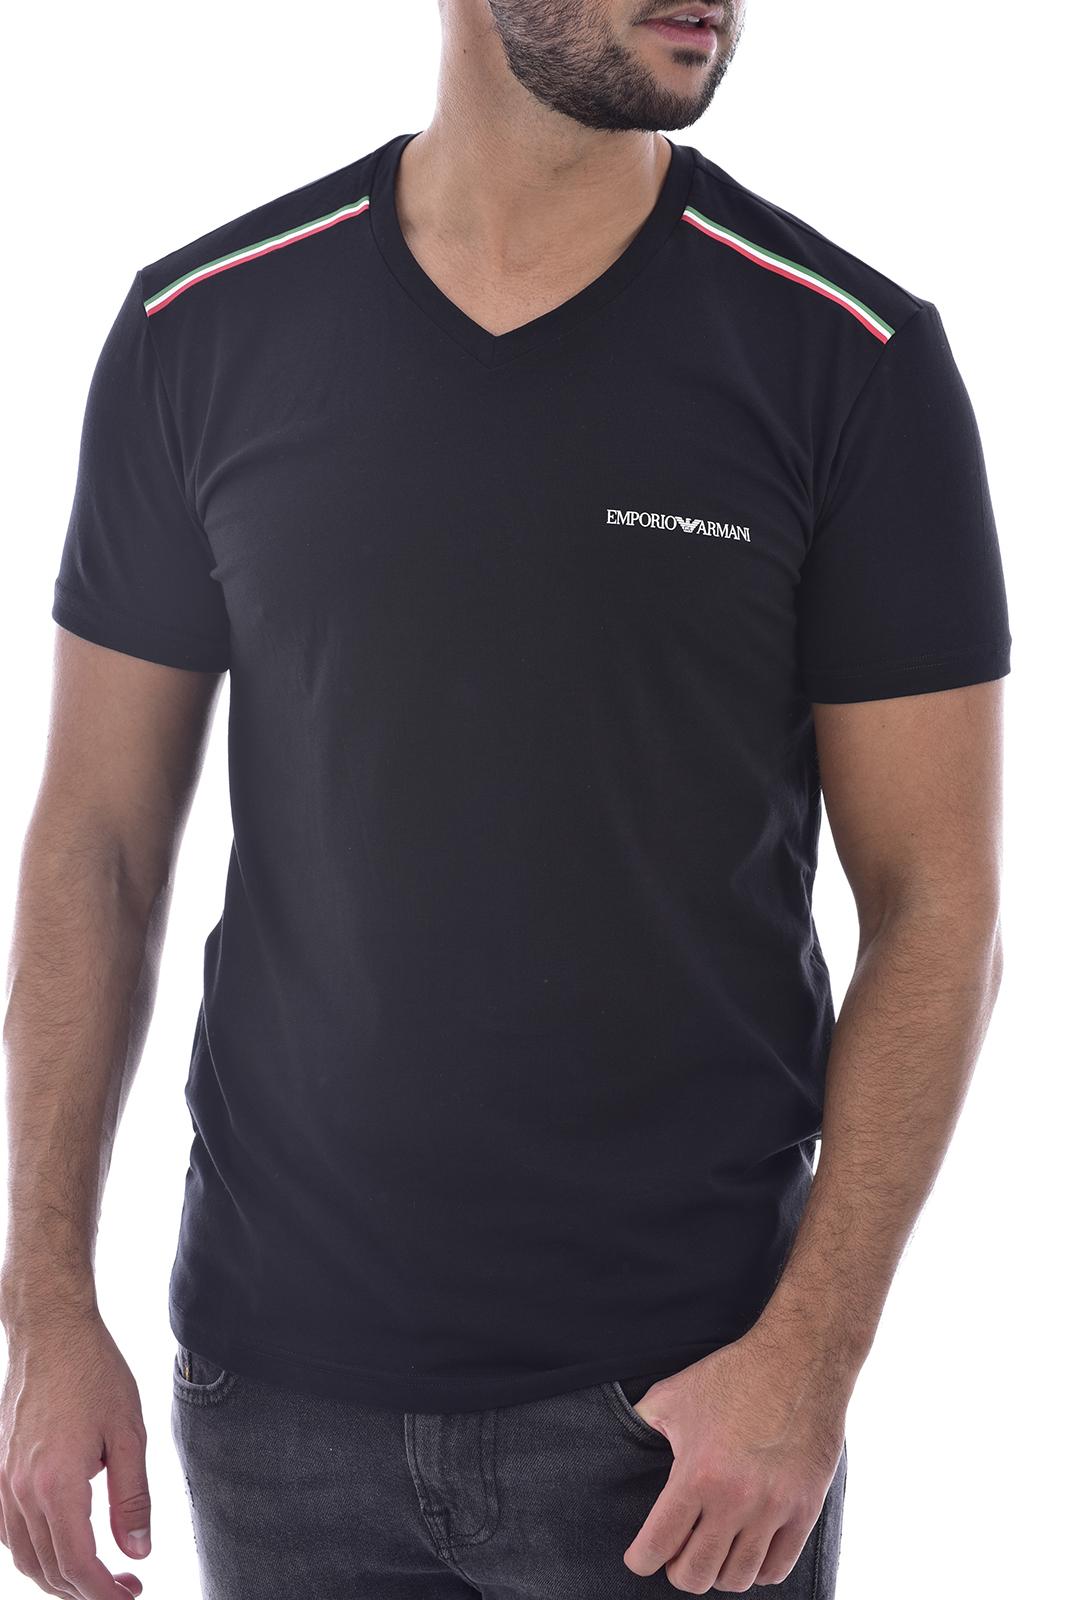 T-S manches courtes  Emporio armani 111556 0A510 020 BLACK